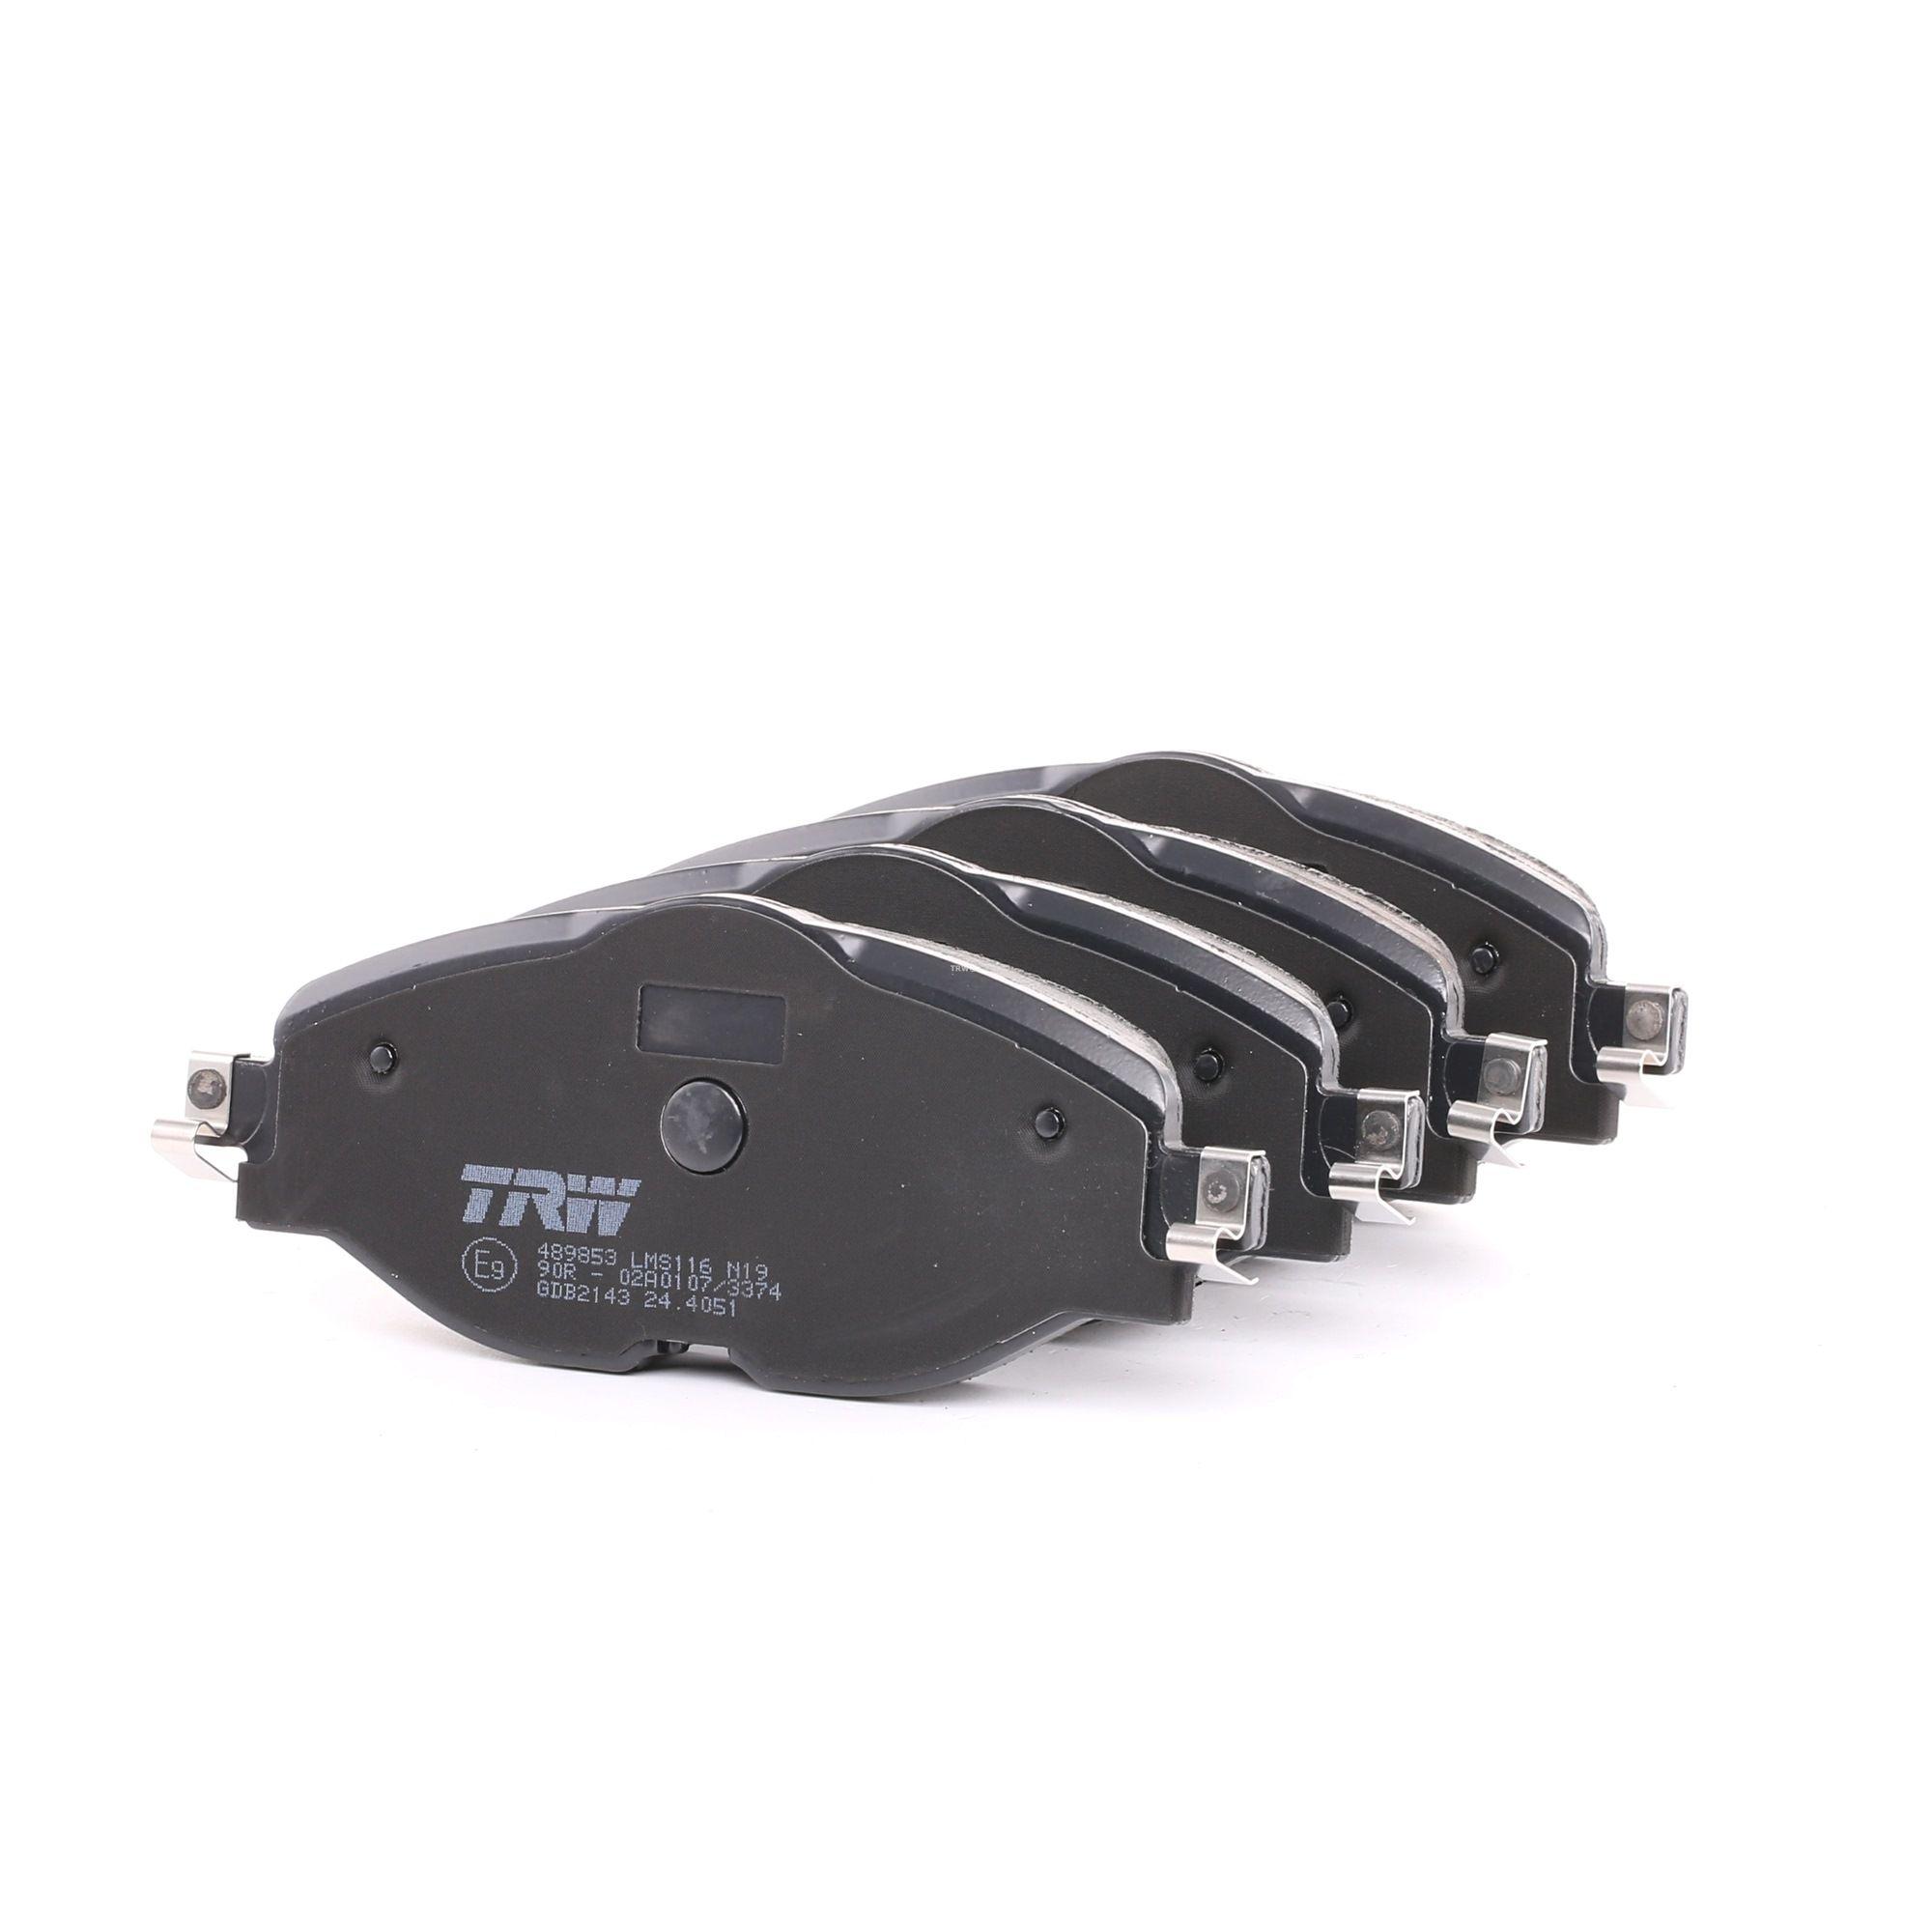 Bremsbelagsatz Passat 3g5 hinten + vorne 2014 - TRW GDB2143 (Höhe: 64,5mm, Dicke/Stärke: 20,4mm)